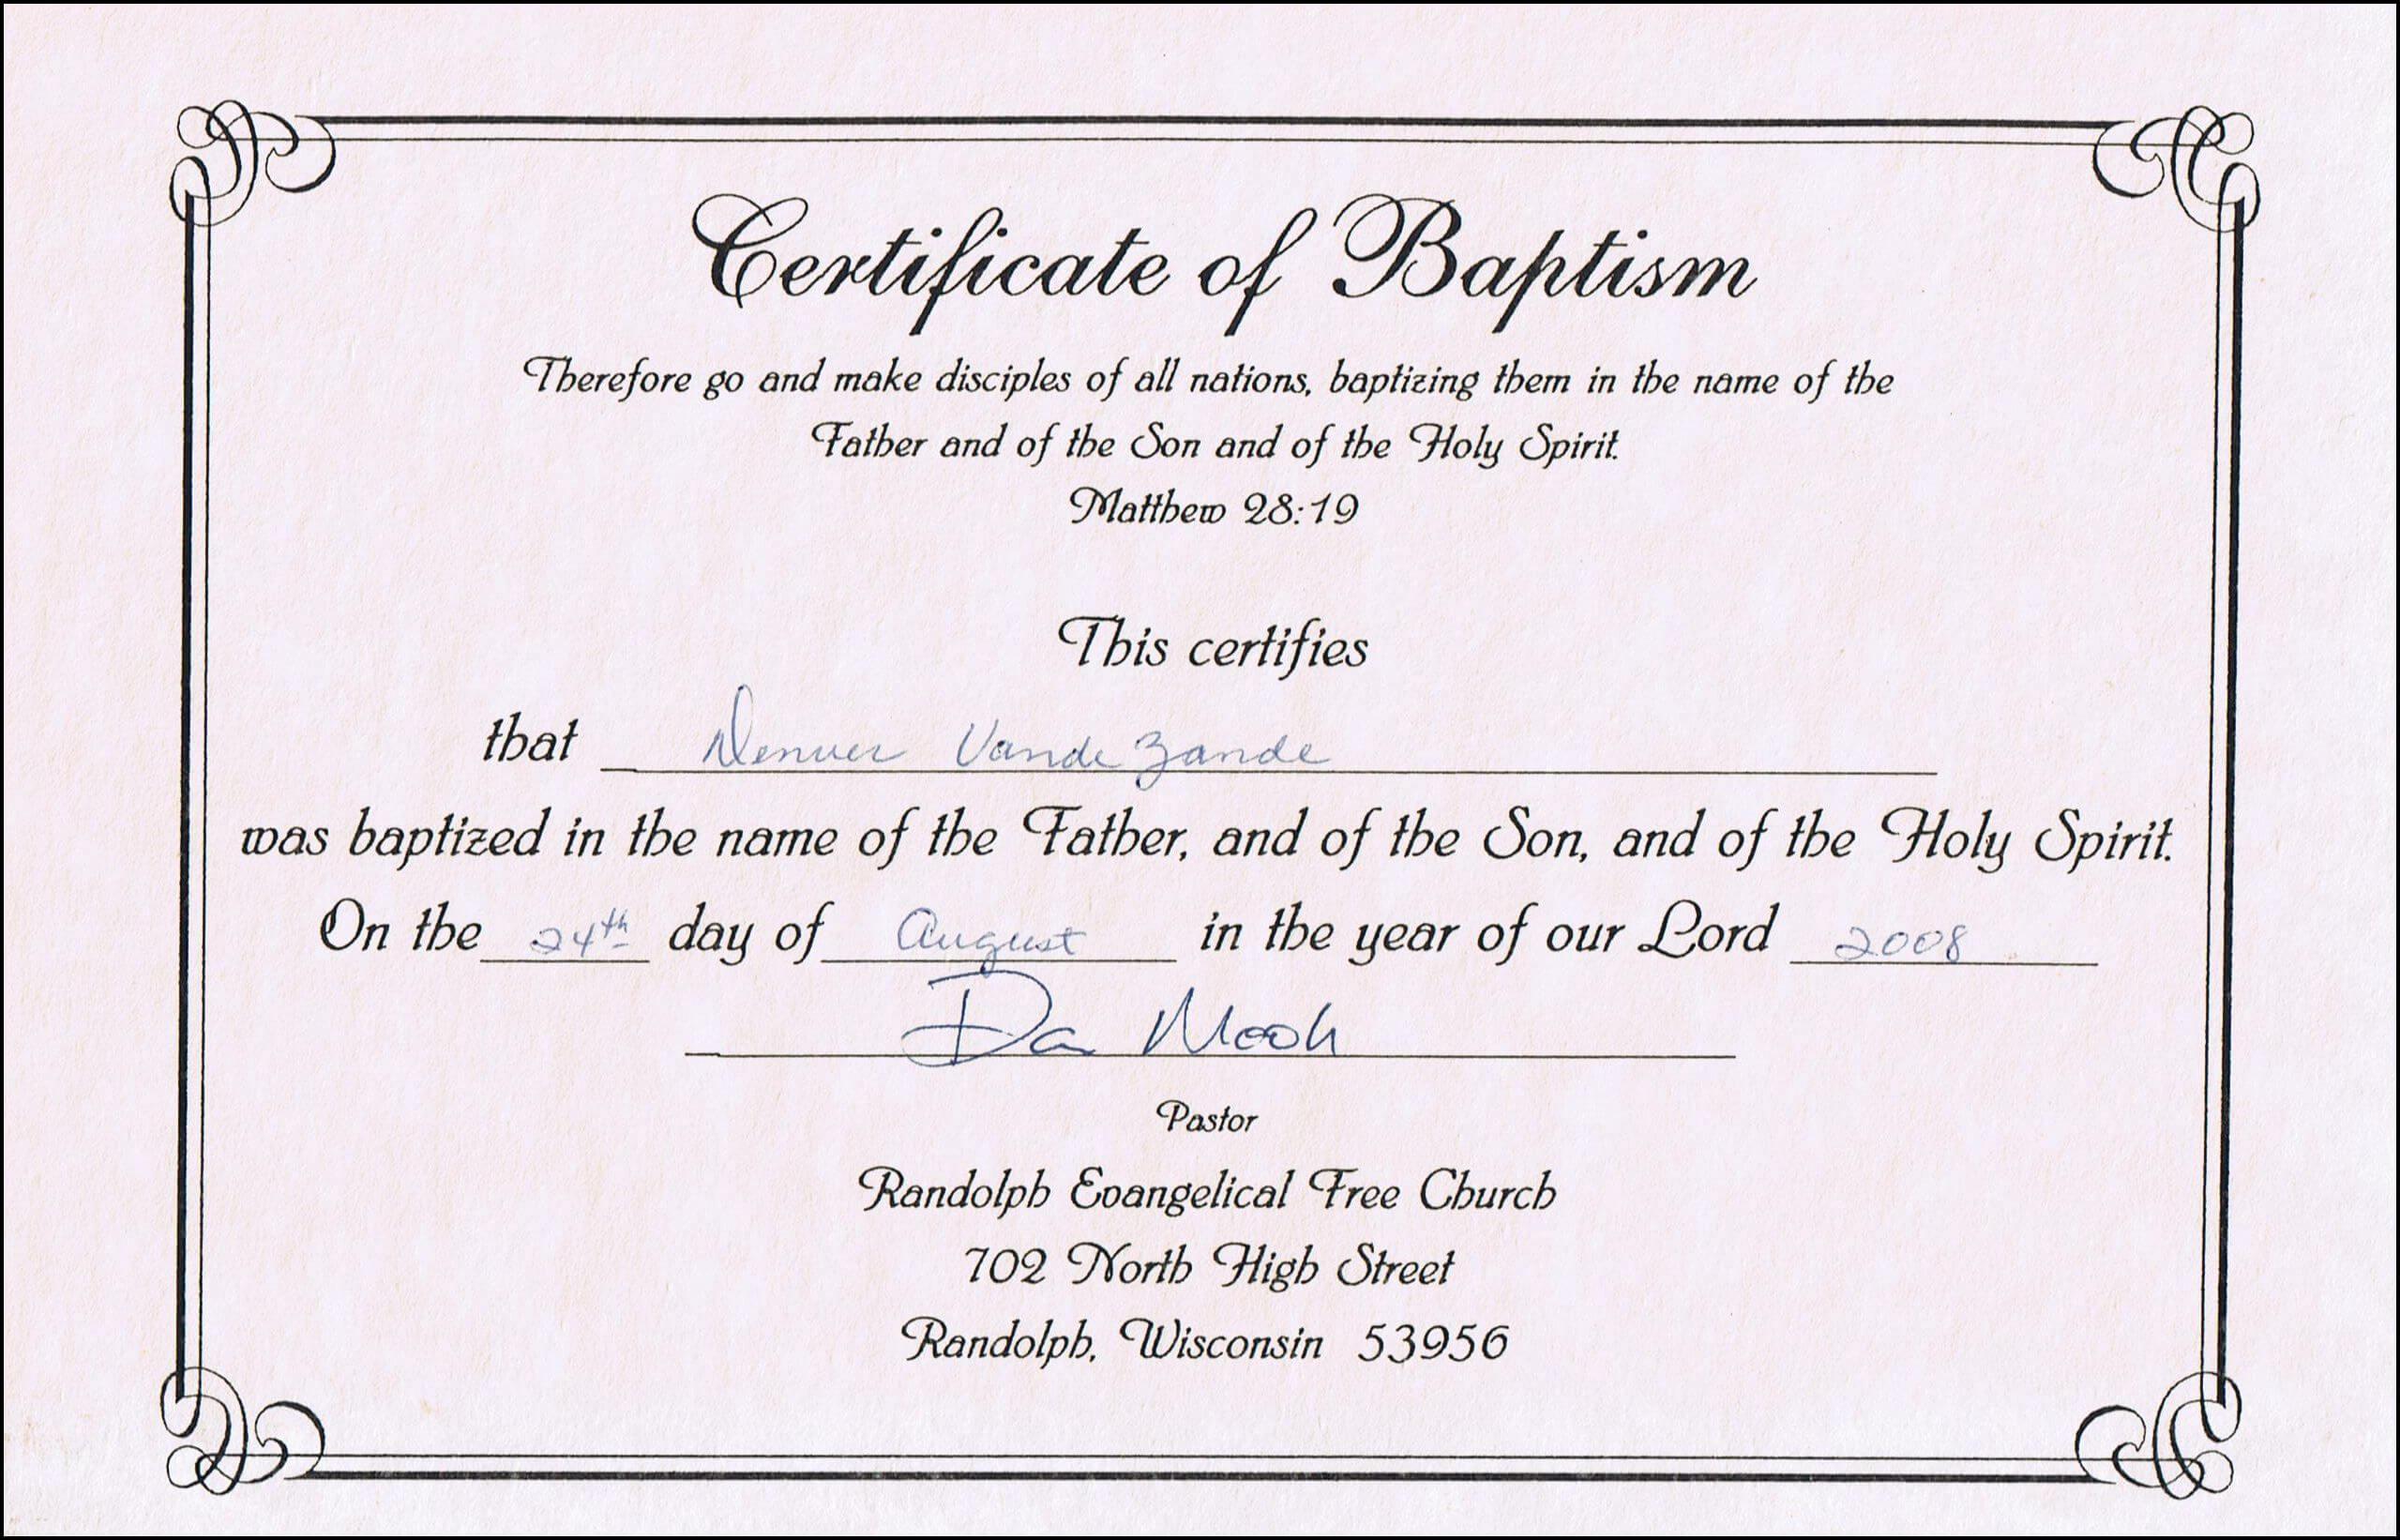 Baptism Certificates Free Online | Denver's Certificate Of Throughout Baptism Certificate Template Word